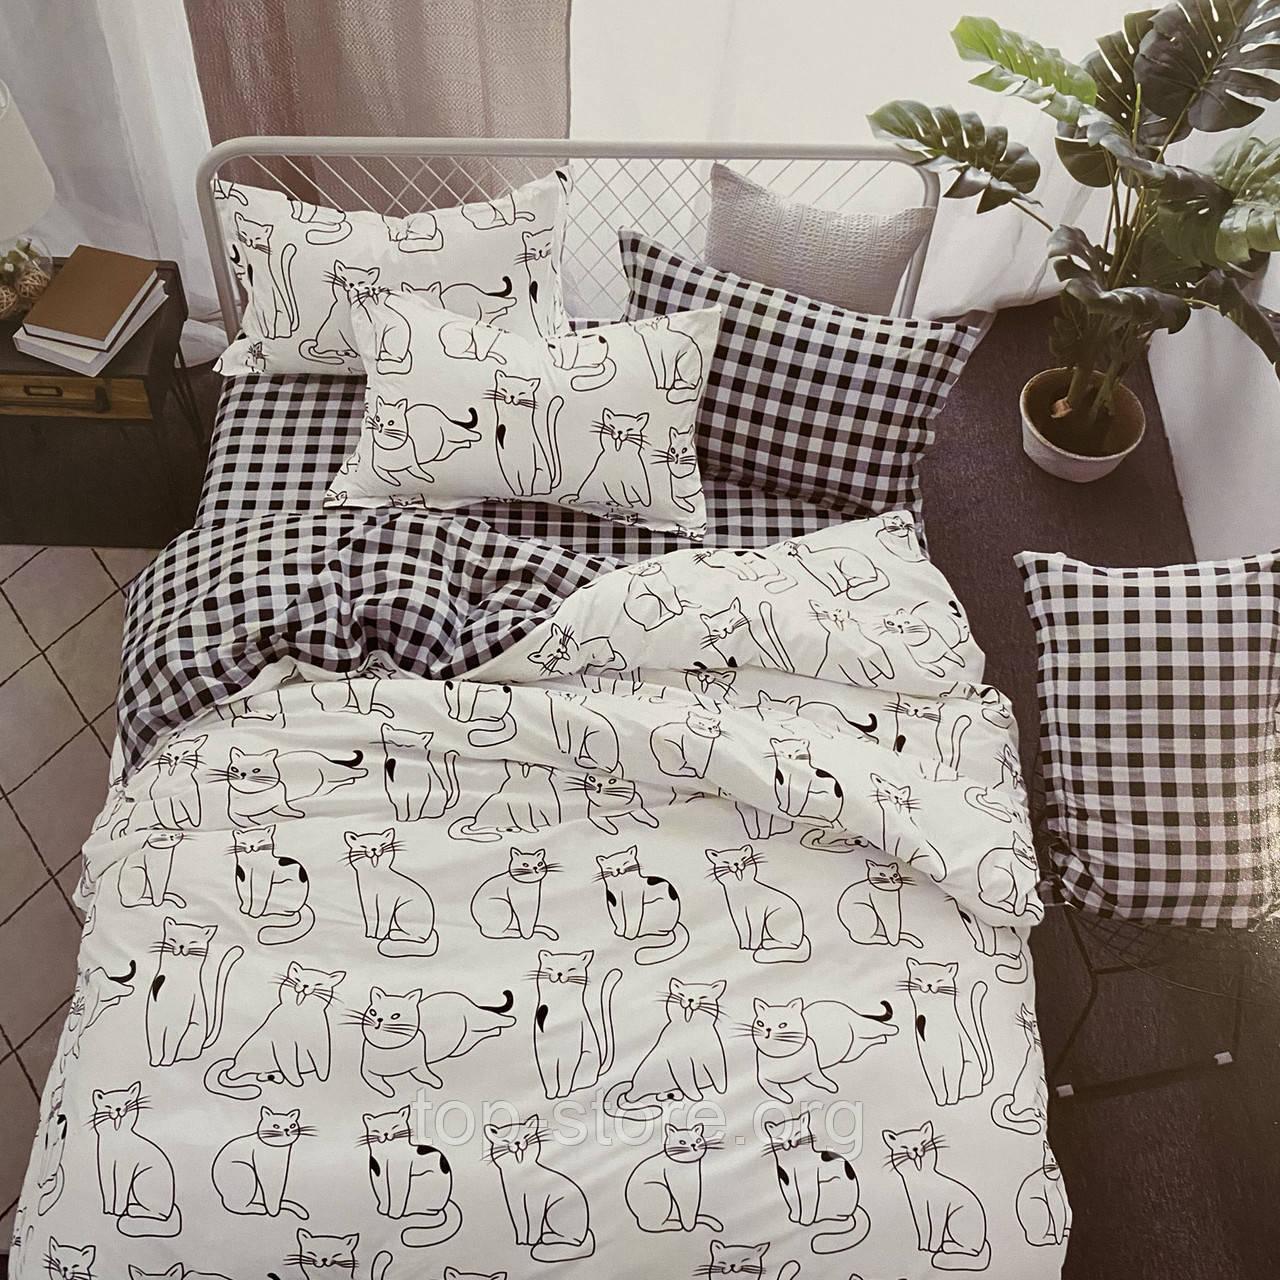 Постельное белье   Комплект постельного белья ( простынь на резинке ) Ткань- Поплин. Размер - Полуторный